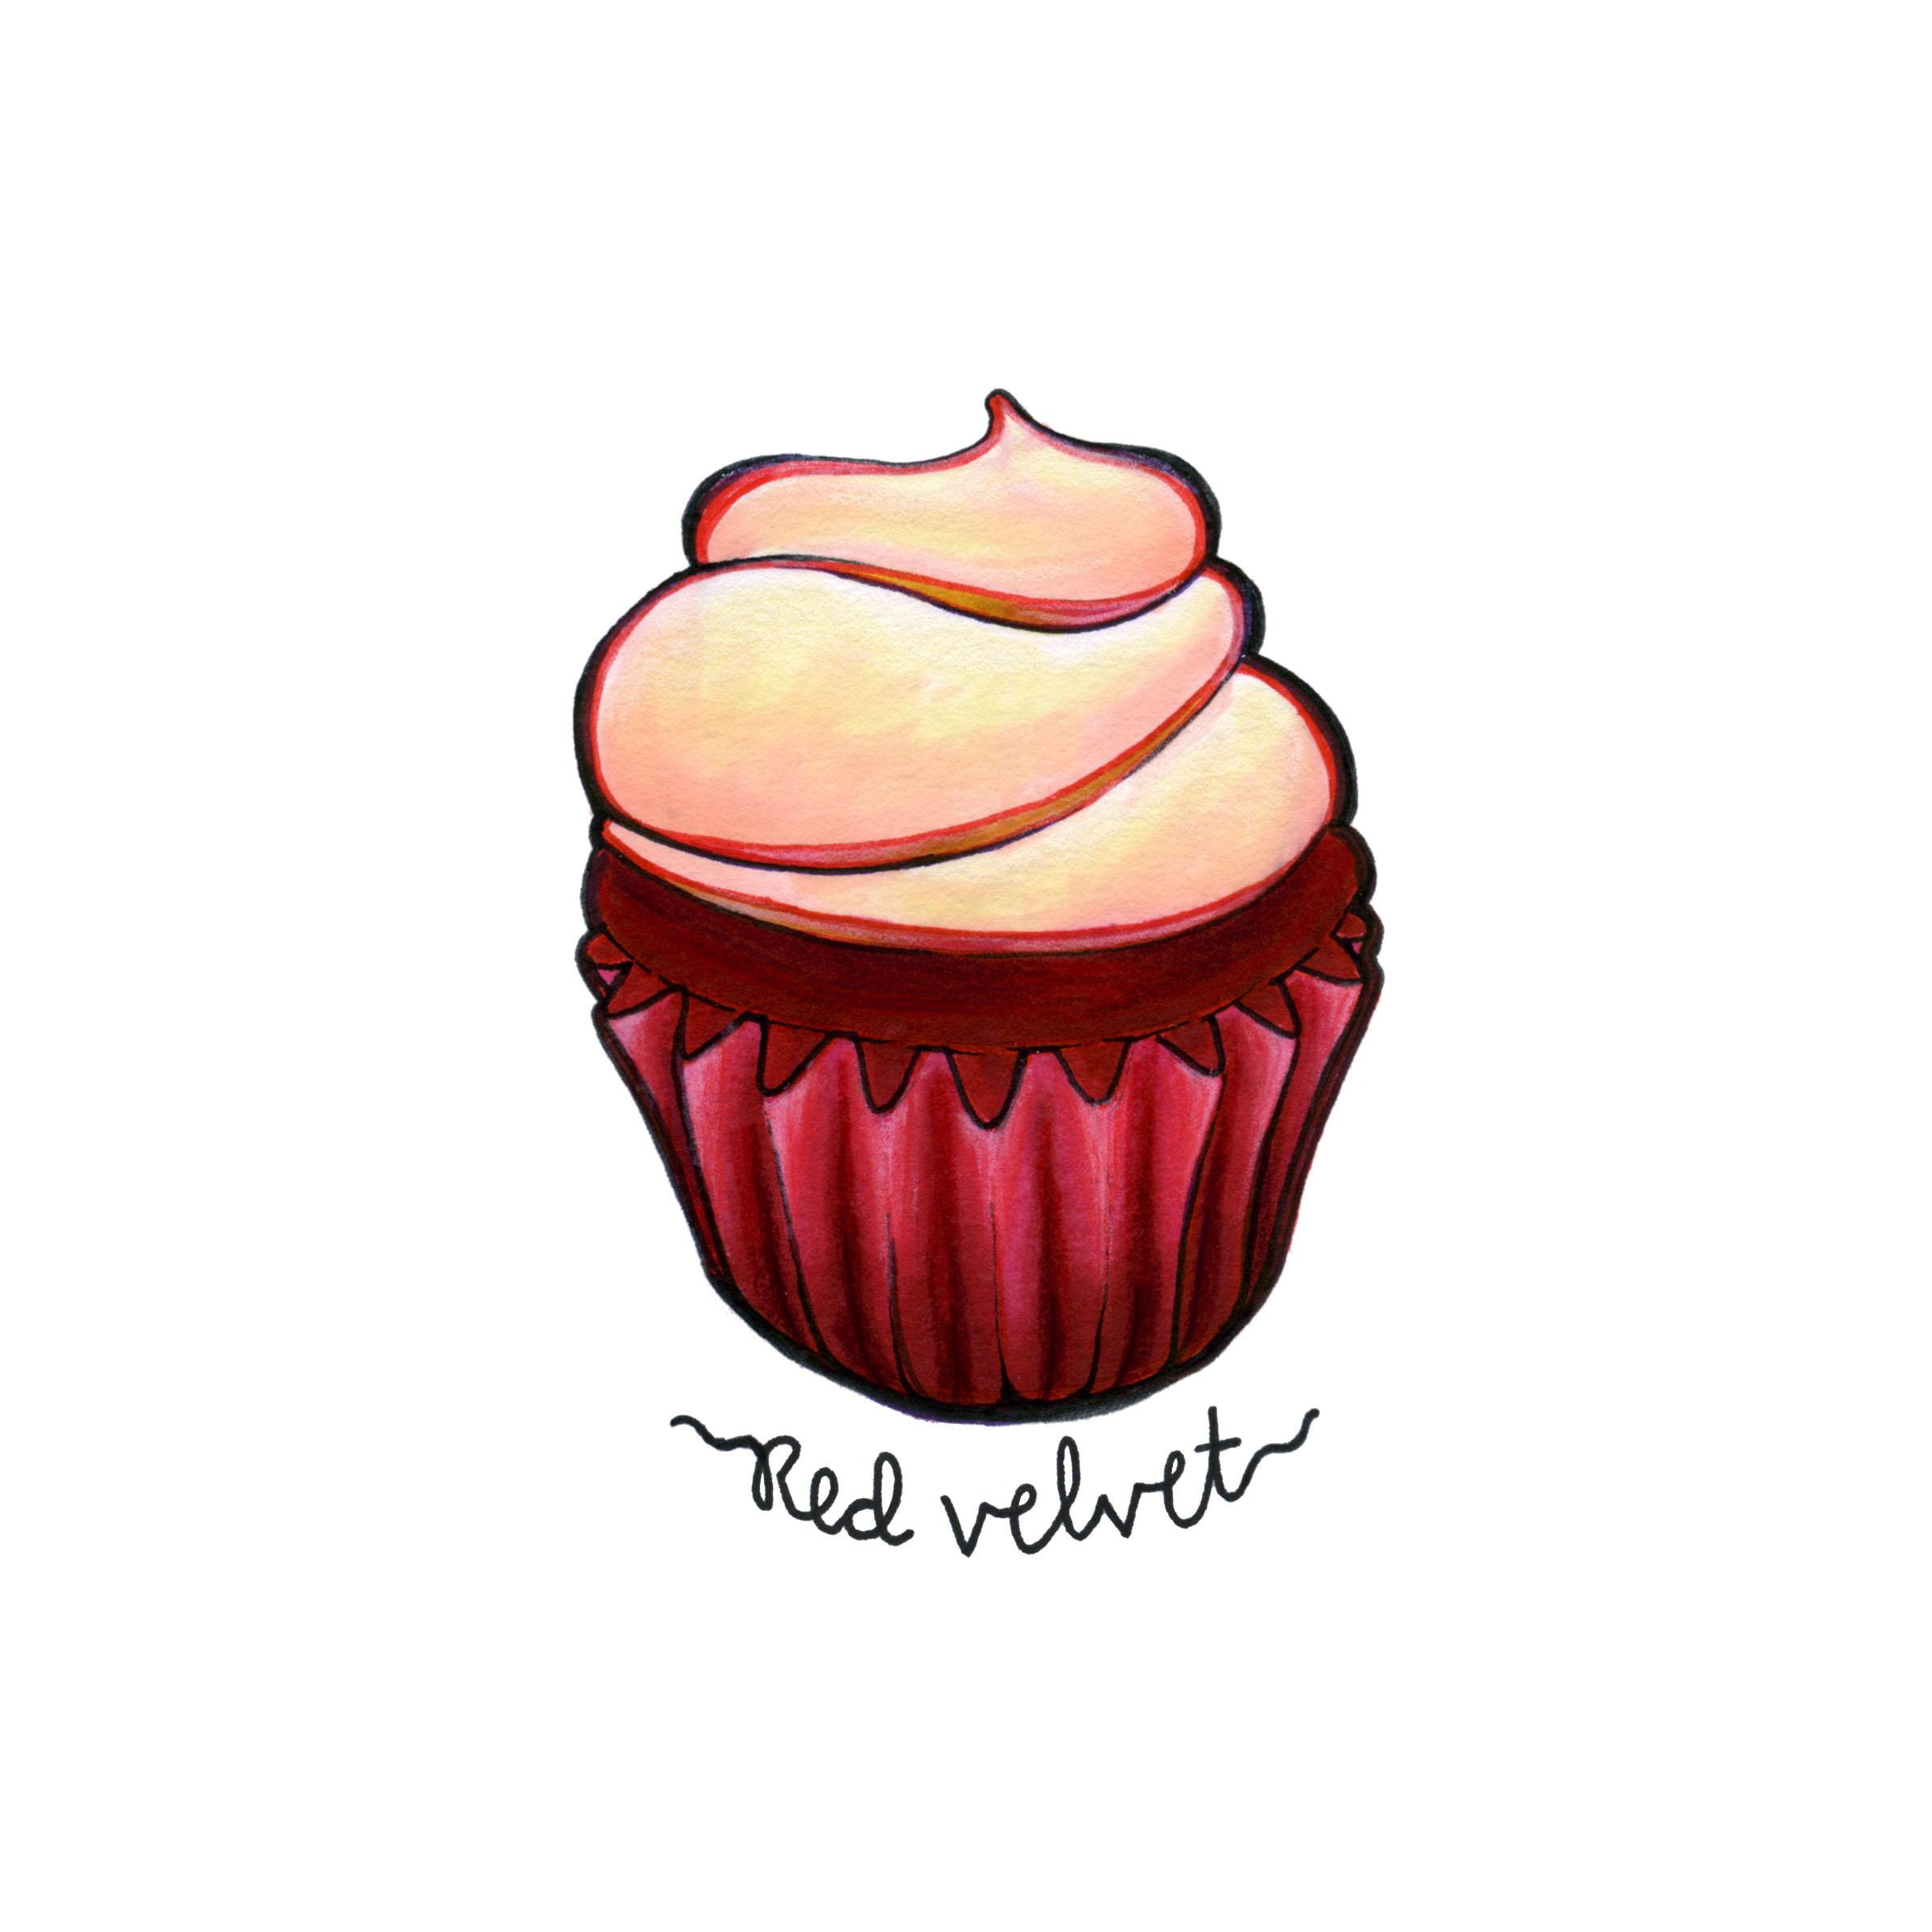 cupcake redvelvet white copy.jpg